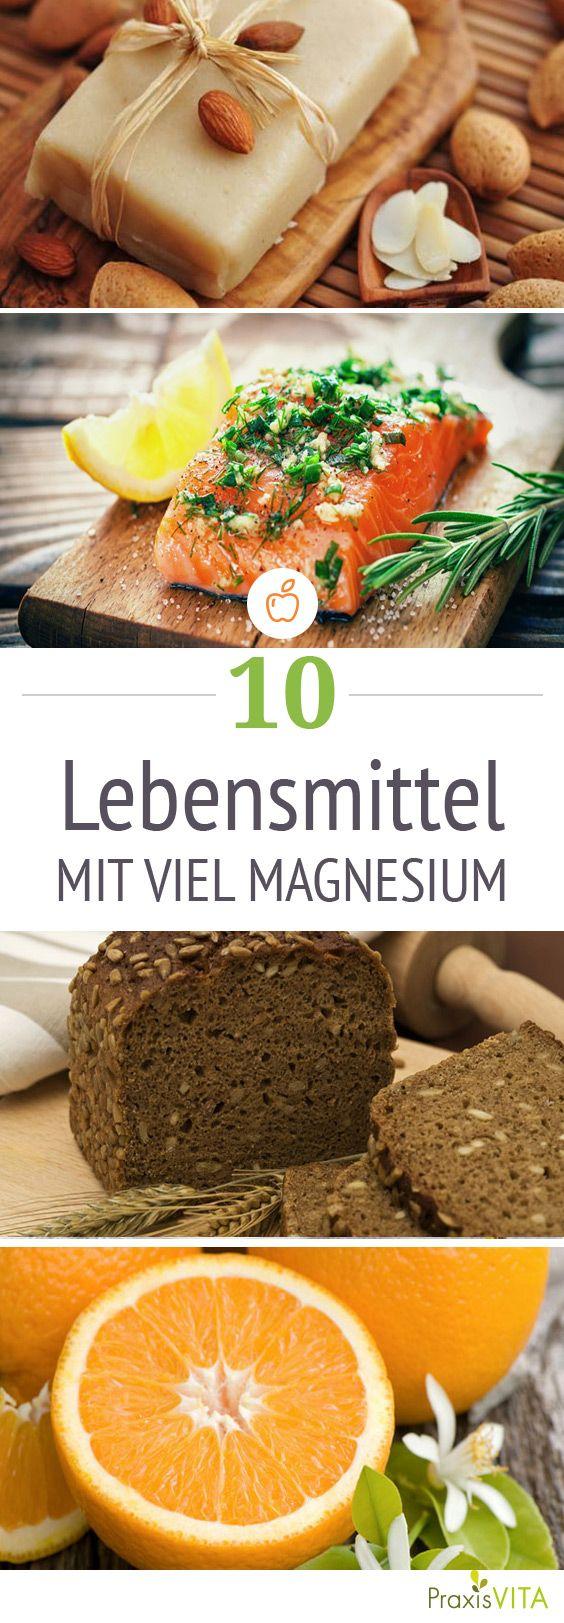 Es gibt Lebensmittel, die stärker magnesiumhaltig sind als andere. Achten Sie bei Ihrem Speiseplan darauf, sie regelmäßig einzubauen.